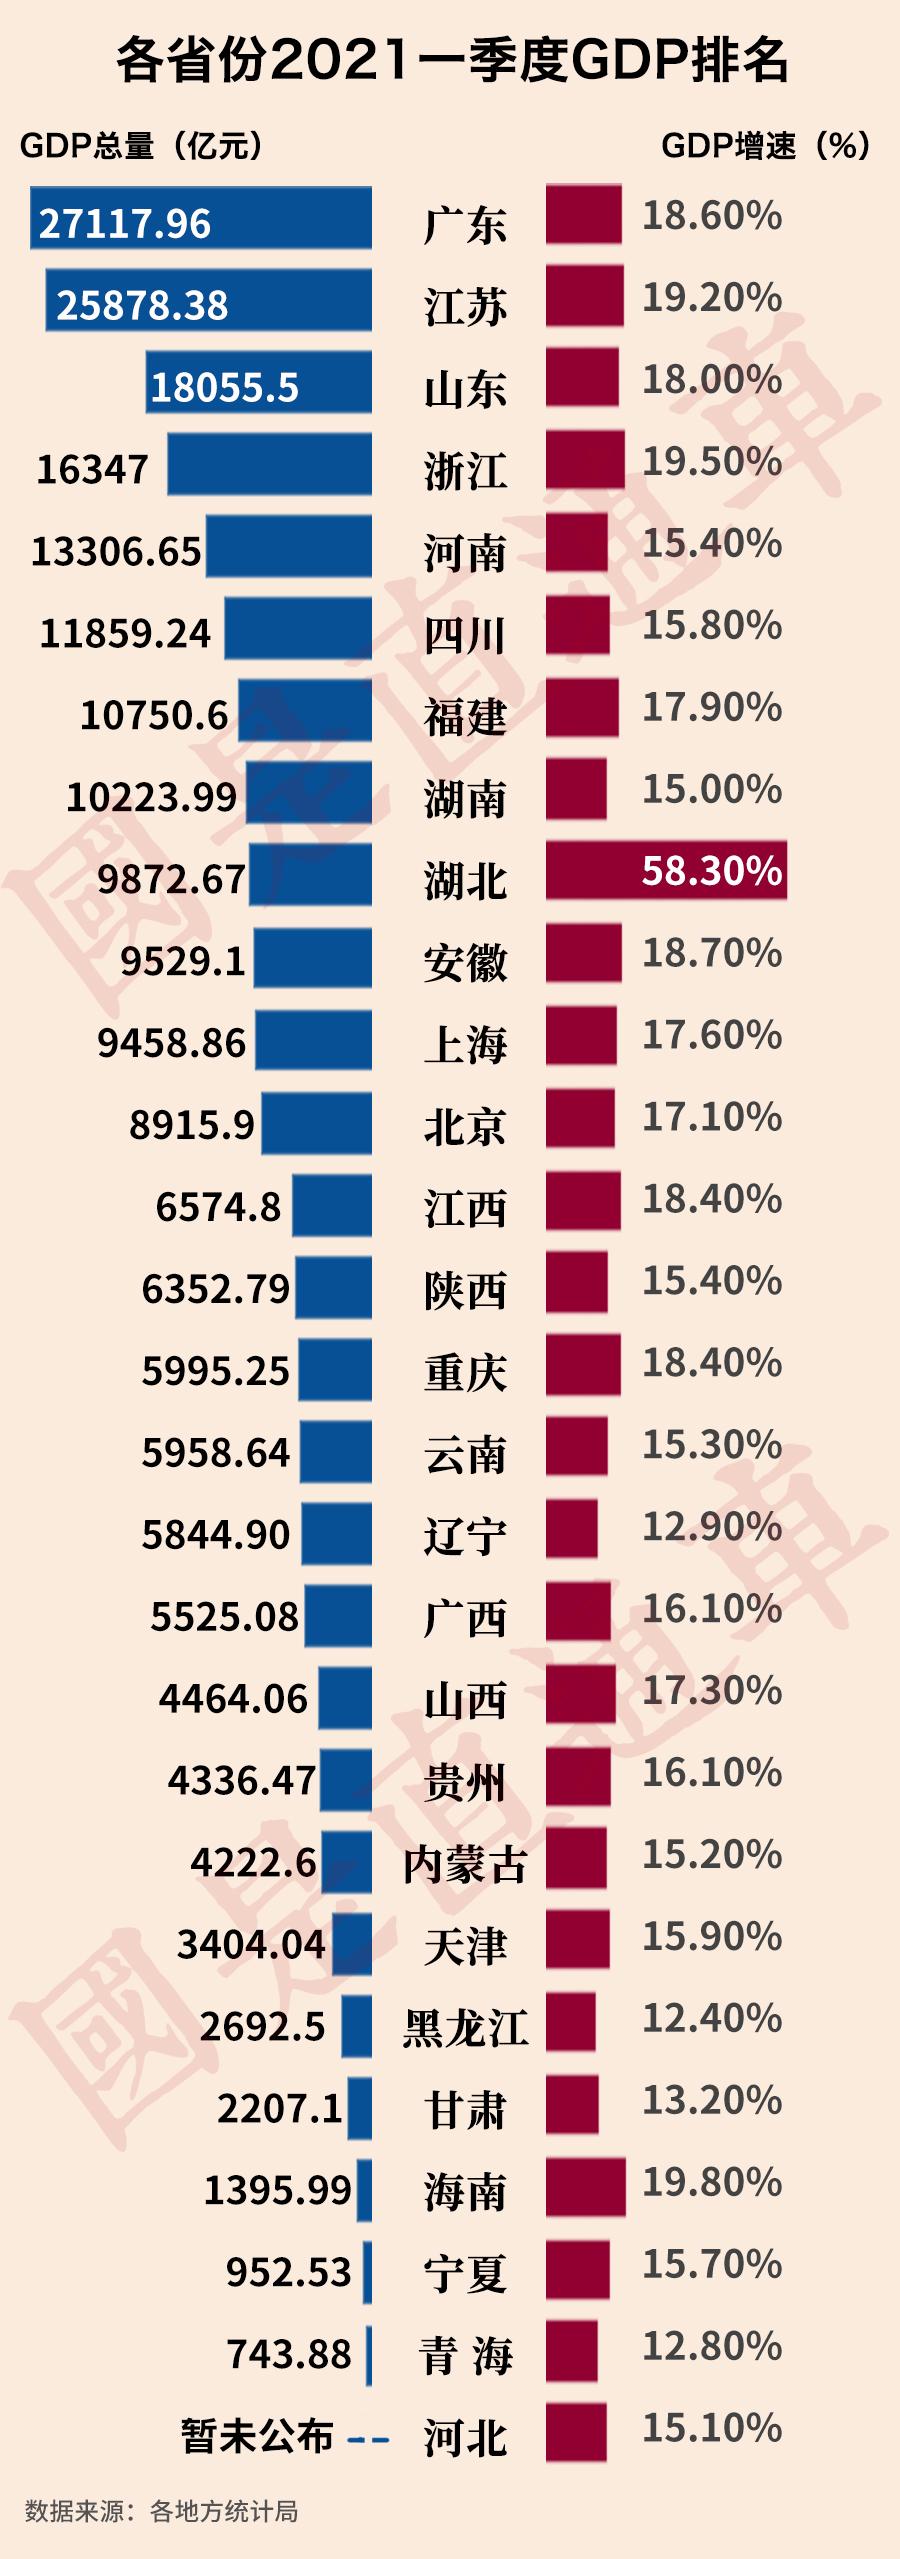 最新GDP排名!八省一季度破万亿,湖北强势反弹